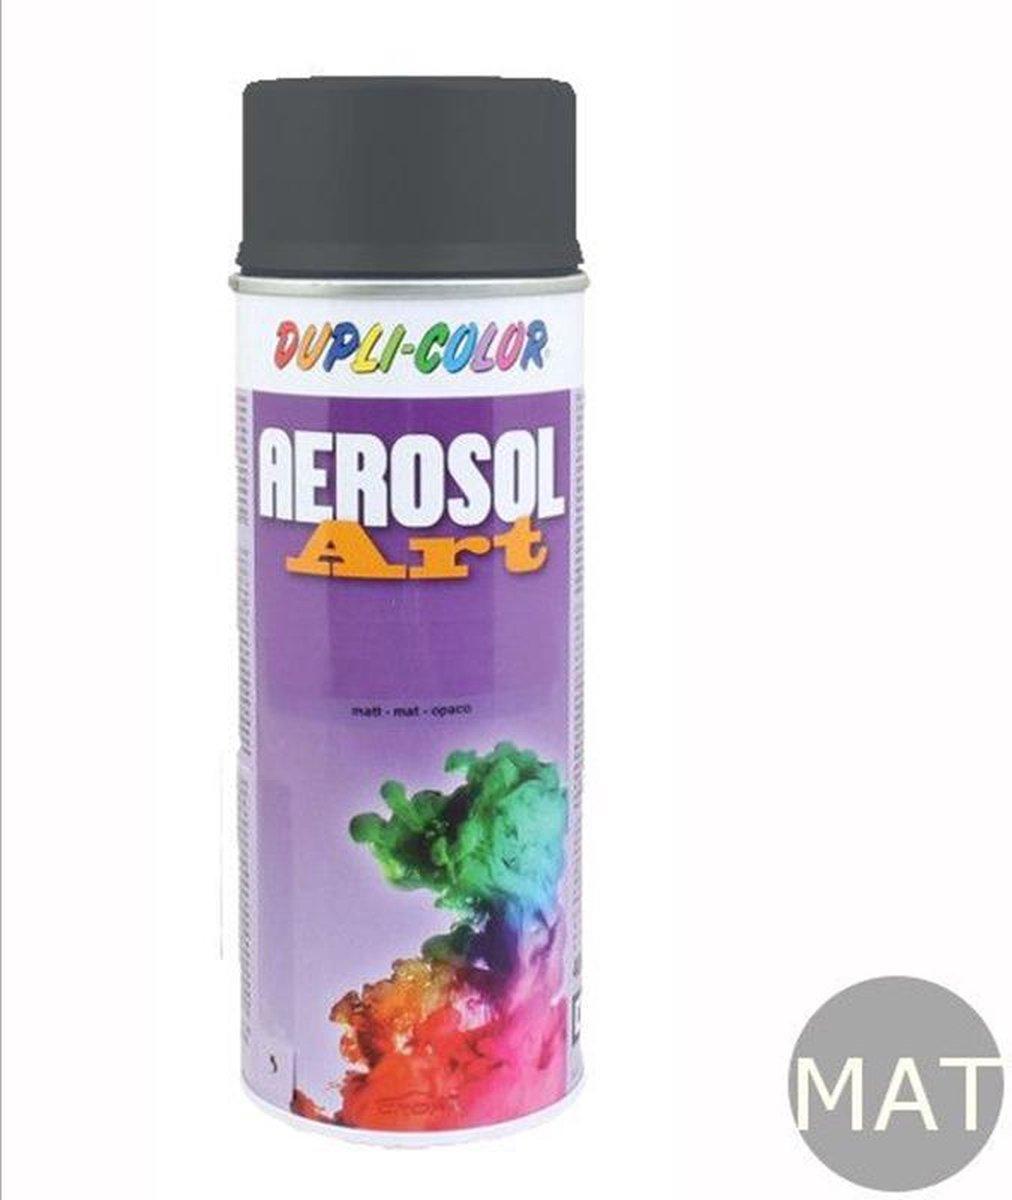 Spuitbus Ral 7016 MAT Antracietgrijs Duplicolor Aerosolart 400 ml